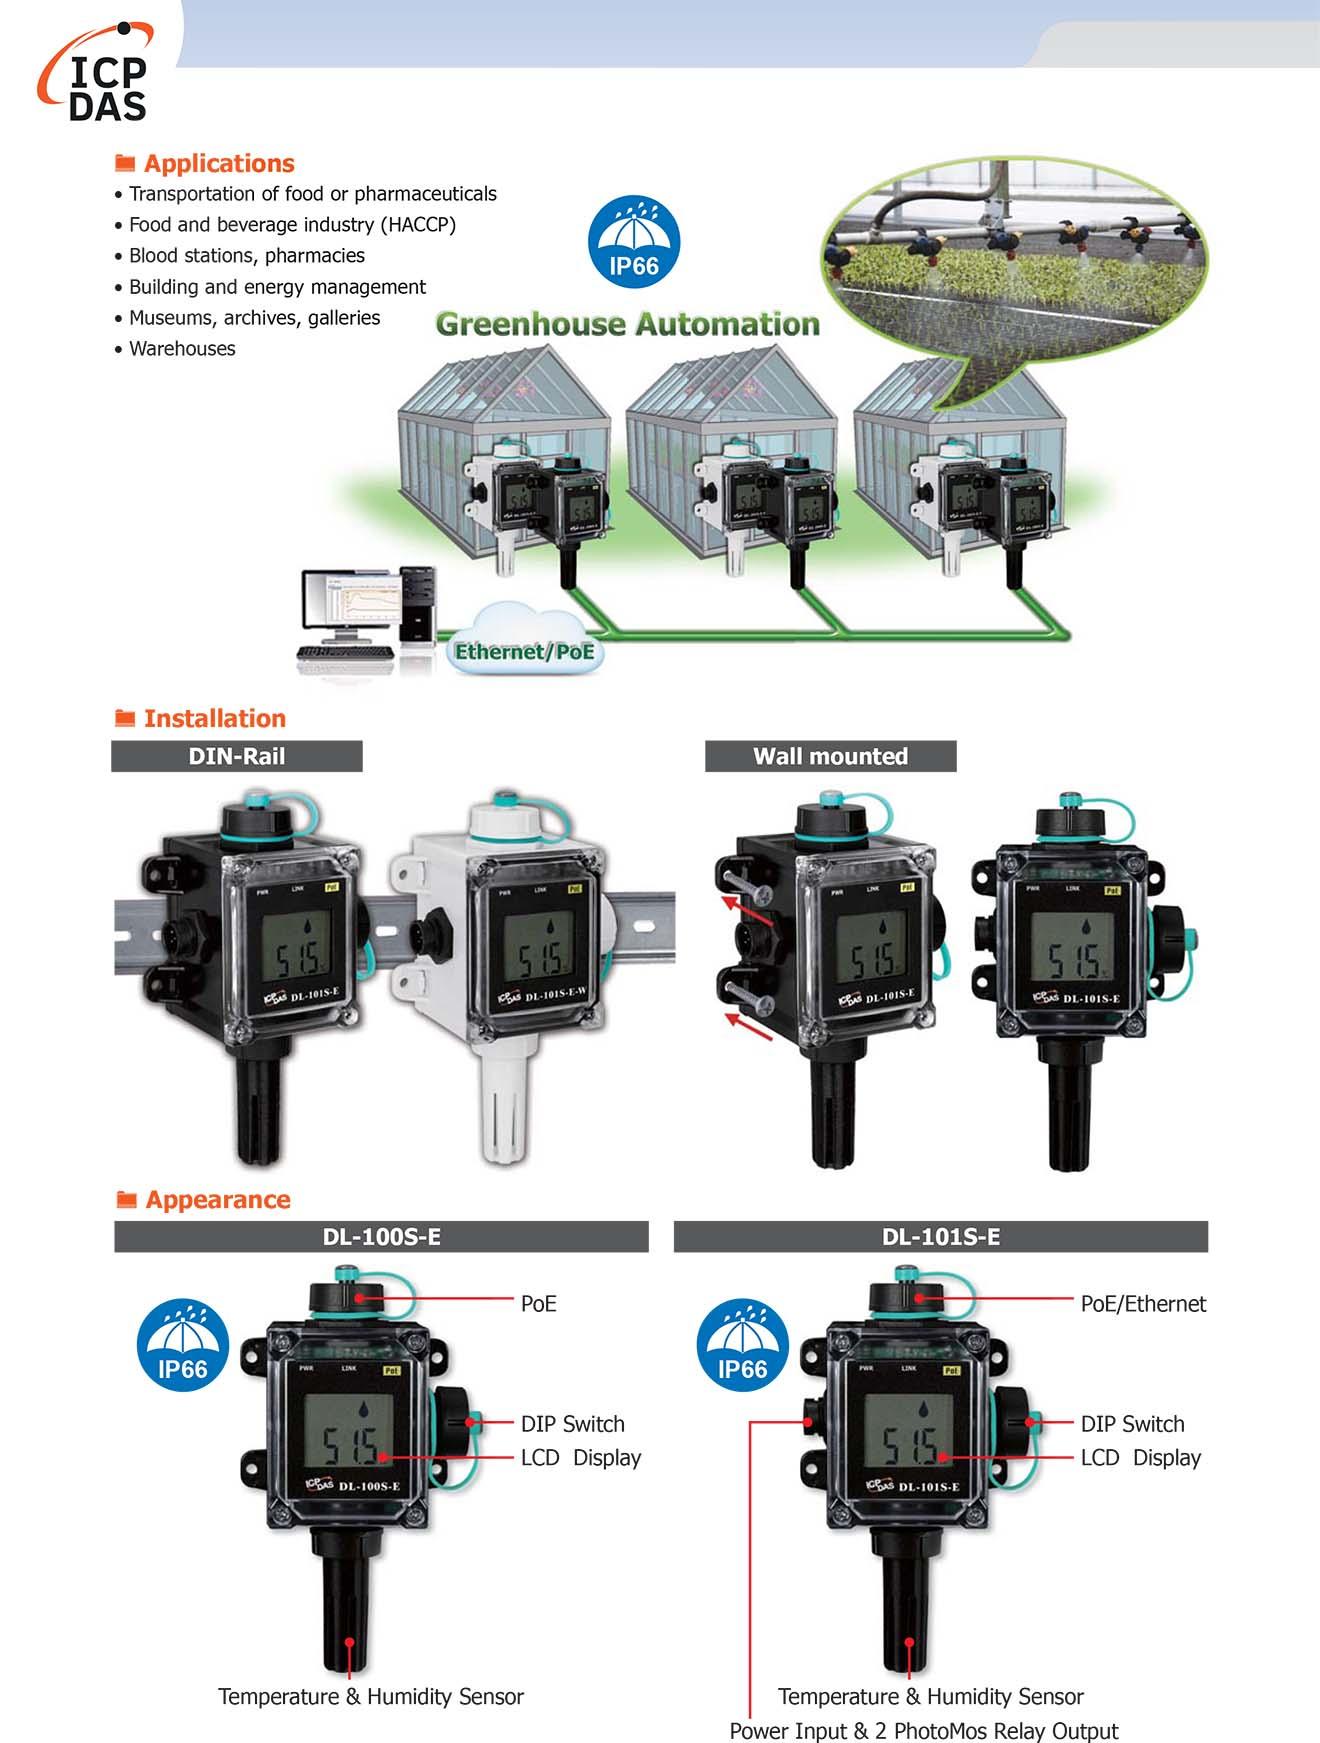 DL-100S-E Bộ ghi dữ liệu cảm biến nhiệt độ, độ ẩm ICP DAS-Các ứng dụng